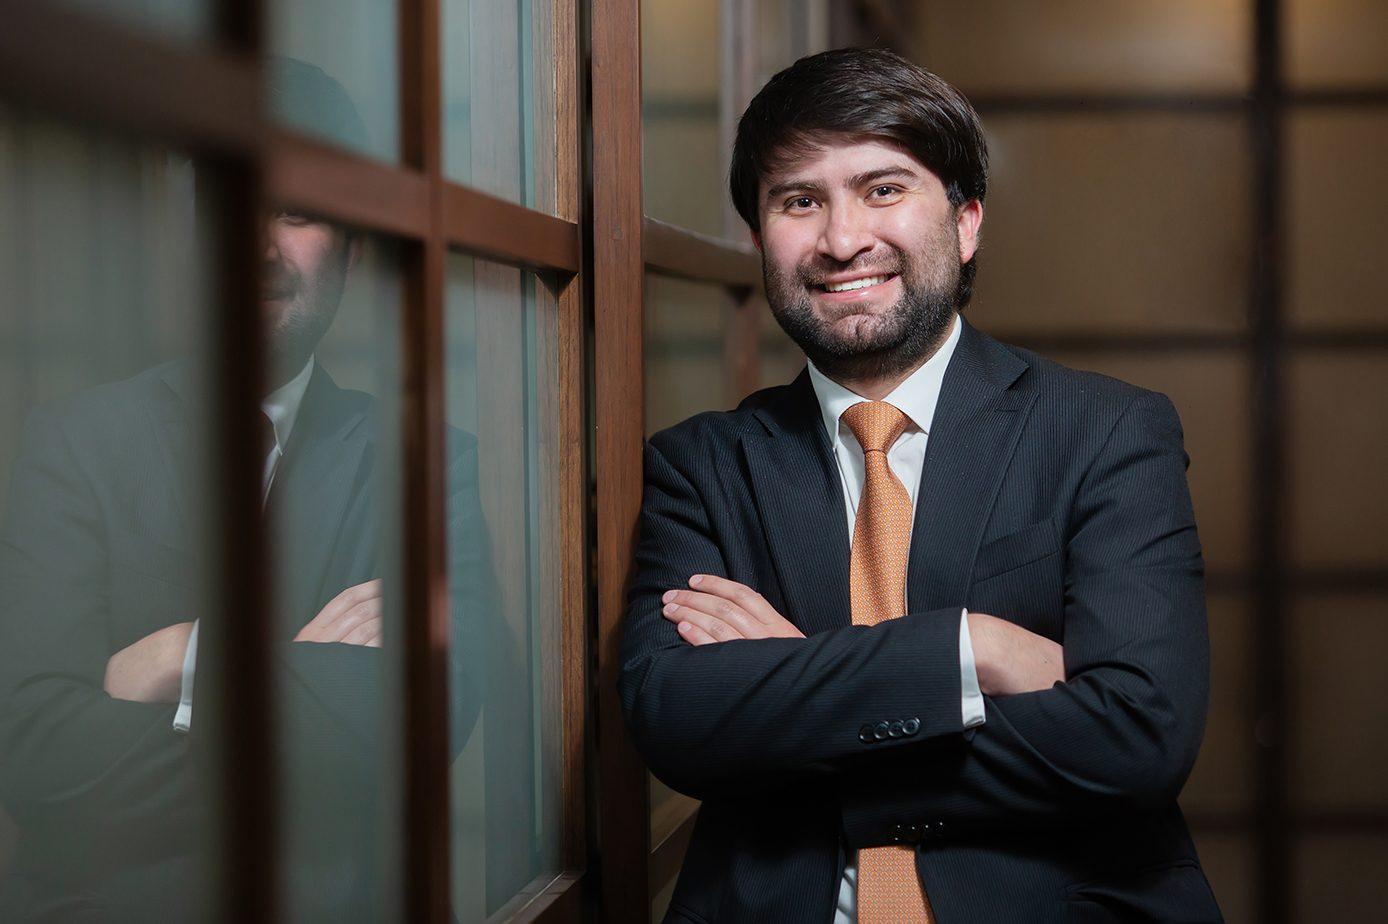 Juan Camilo Boada Acosta